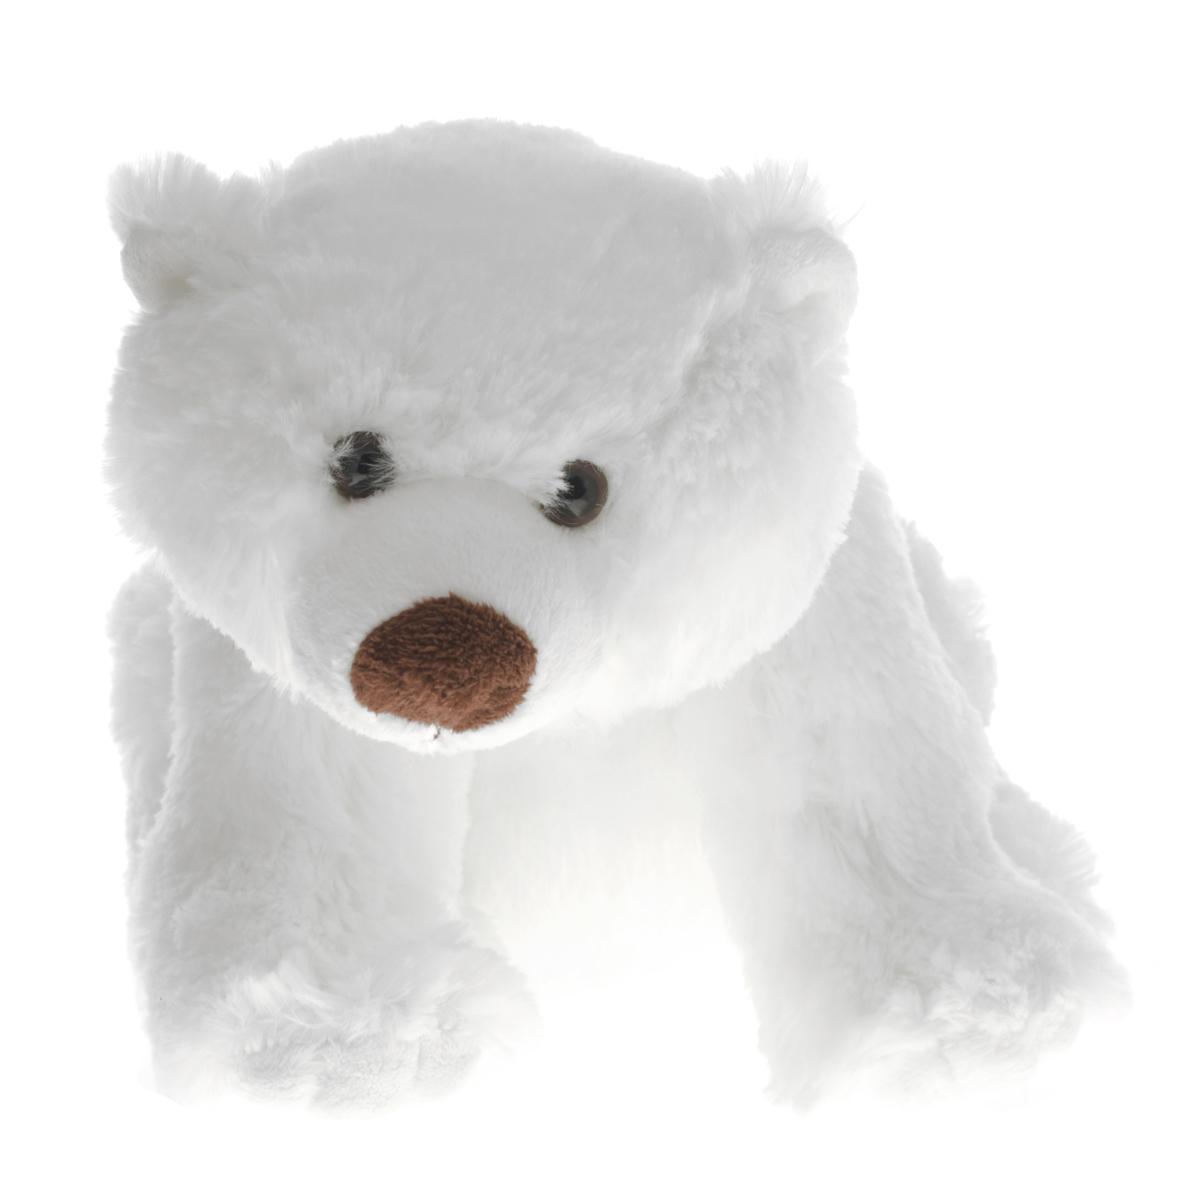 Gulliver Мягкая игрушка Белый мишка Умка, 24 см18-3167-1Симпатичная мягкая игрушка Gulliver Белый мишка Умка не оставит равнодушным ни ребенка, ни взрослого и вызовет улыбку у каждого, кто ее увидит. Необычайно мягкий и пушистый, этот очаровательный белый мишка принесет радость и подарит своему обладателю мгновения нежных объятий и приятных воспоминаний. Игрушка удивительно приятна на ощупь, сделана очень реально и правдоподобно. Получив в подарок такого медведя, малыш сможет попасть в занимательное приключение, с весьма любопытным и наивным детенышем медведя.